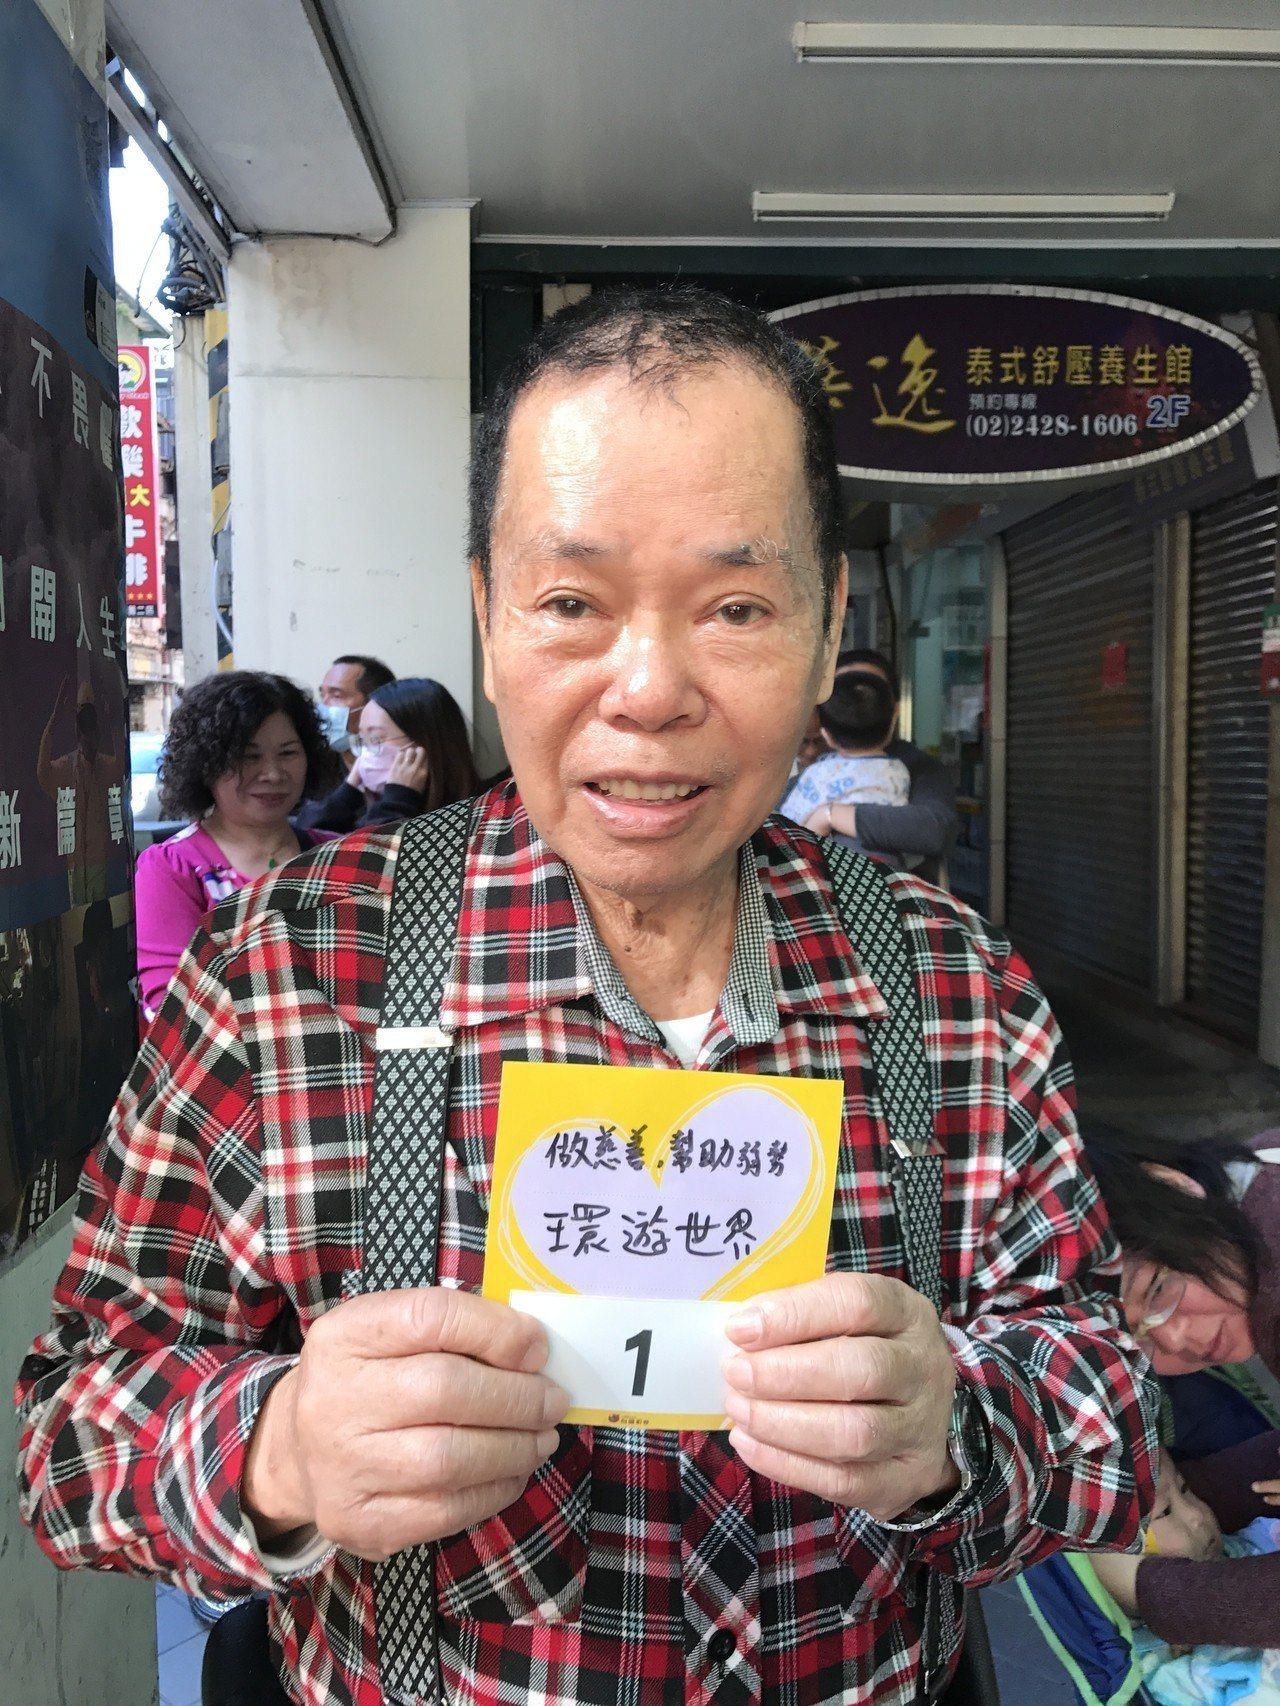 今天一早,店家前就大排長龍,排到第一號的李先生說,要是他中頭獎,他要去環遊世界,...